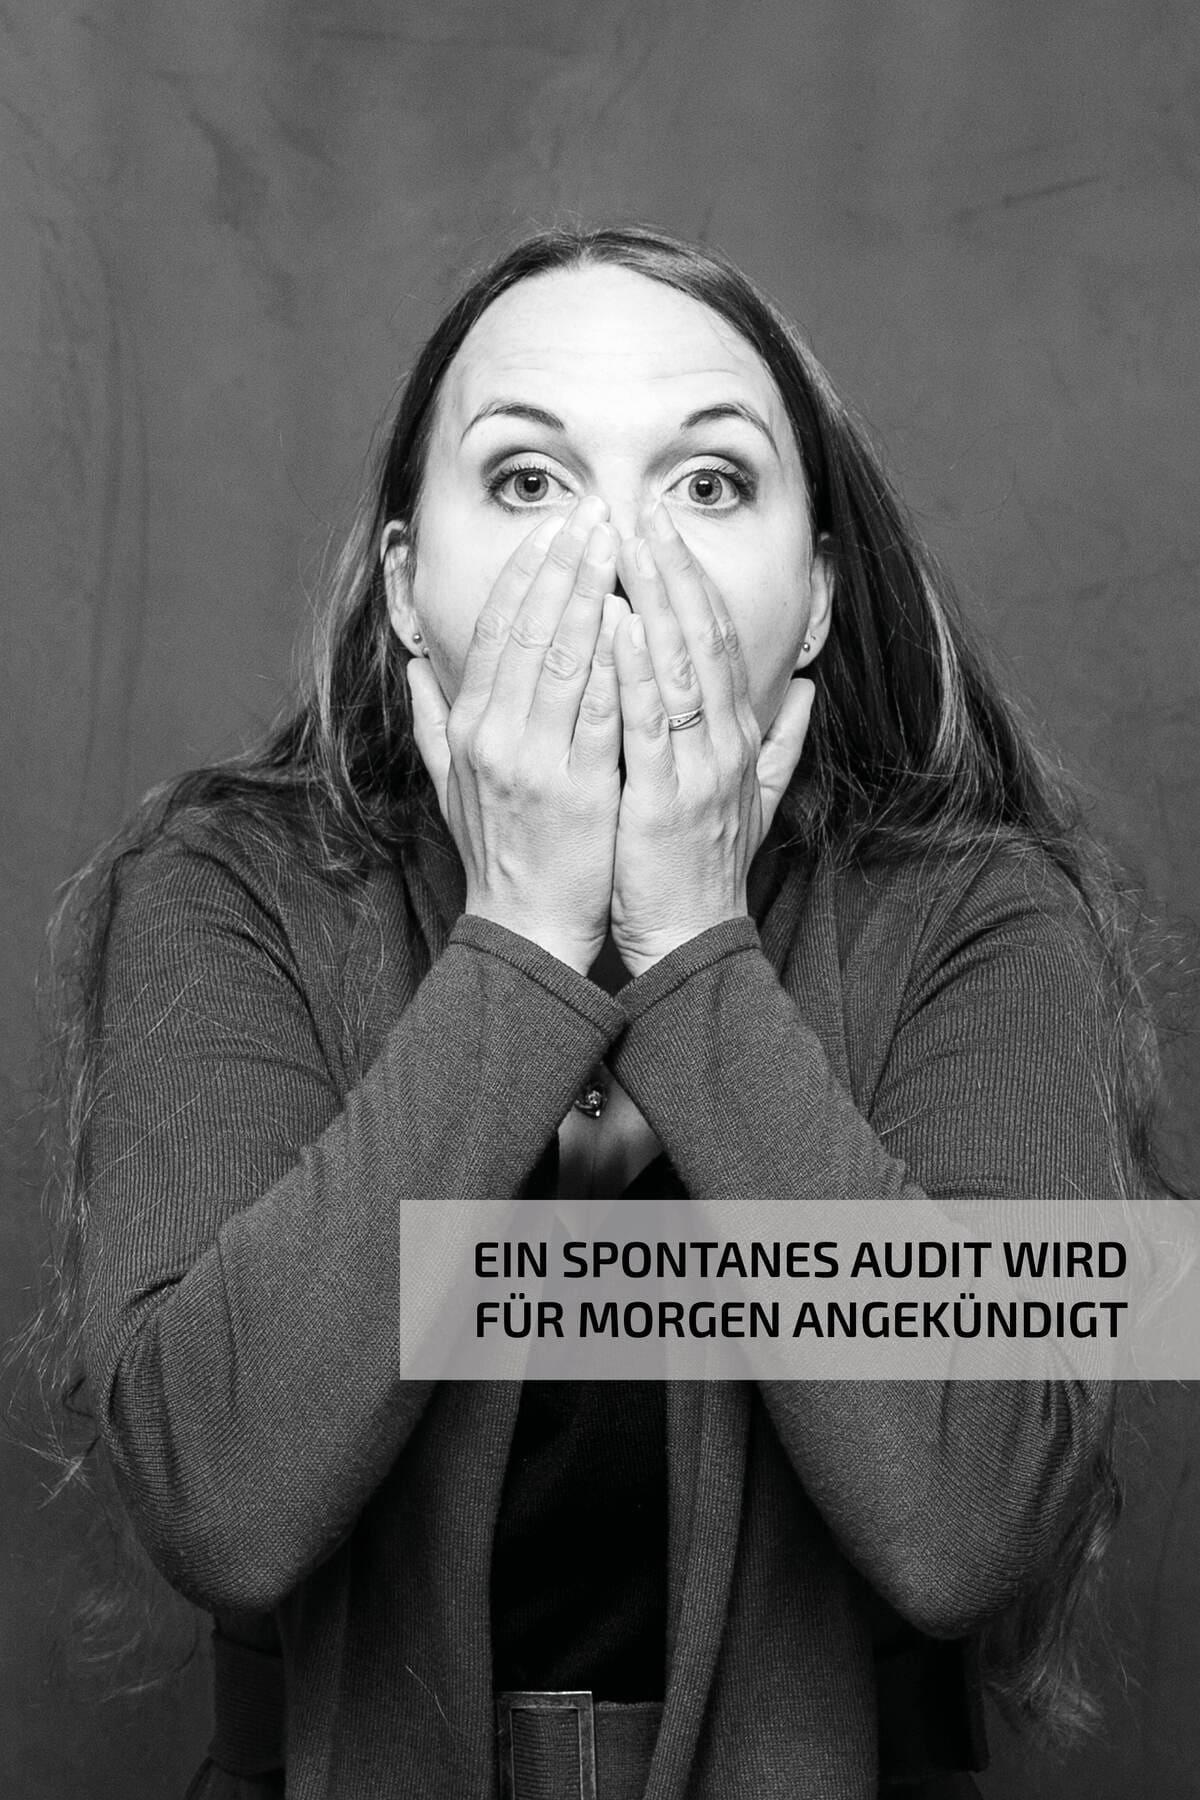 Umweltmanagement 4 - Janina Rötzer ohne Worte - Nutz GmbH